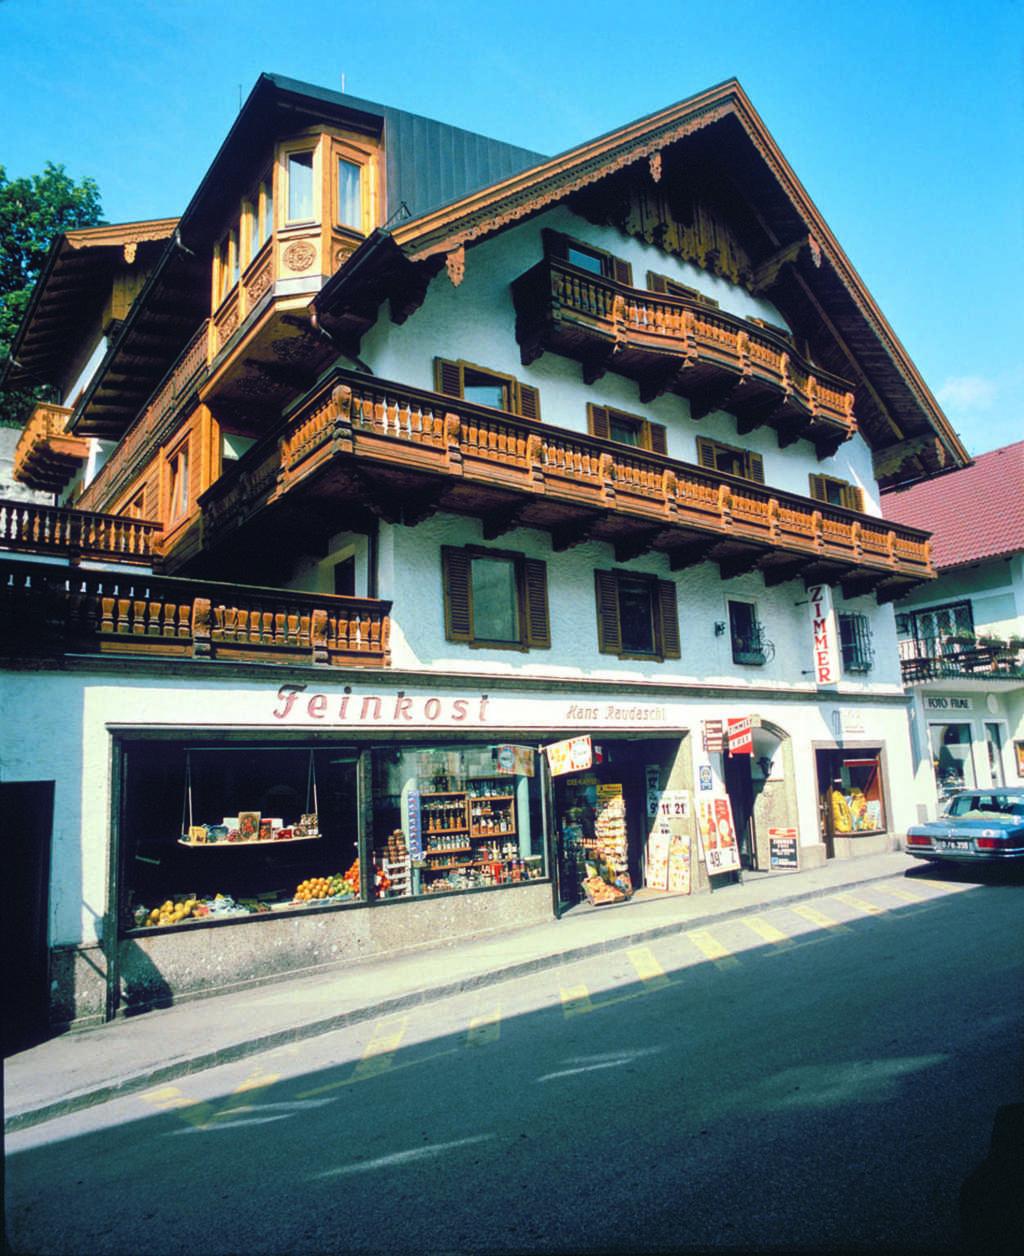 Apparthotel St. Wolfgang, Ferienwohnung 4